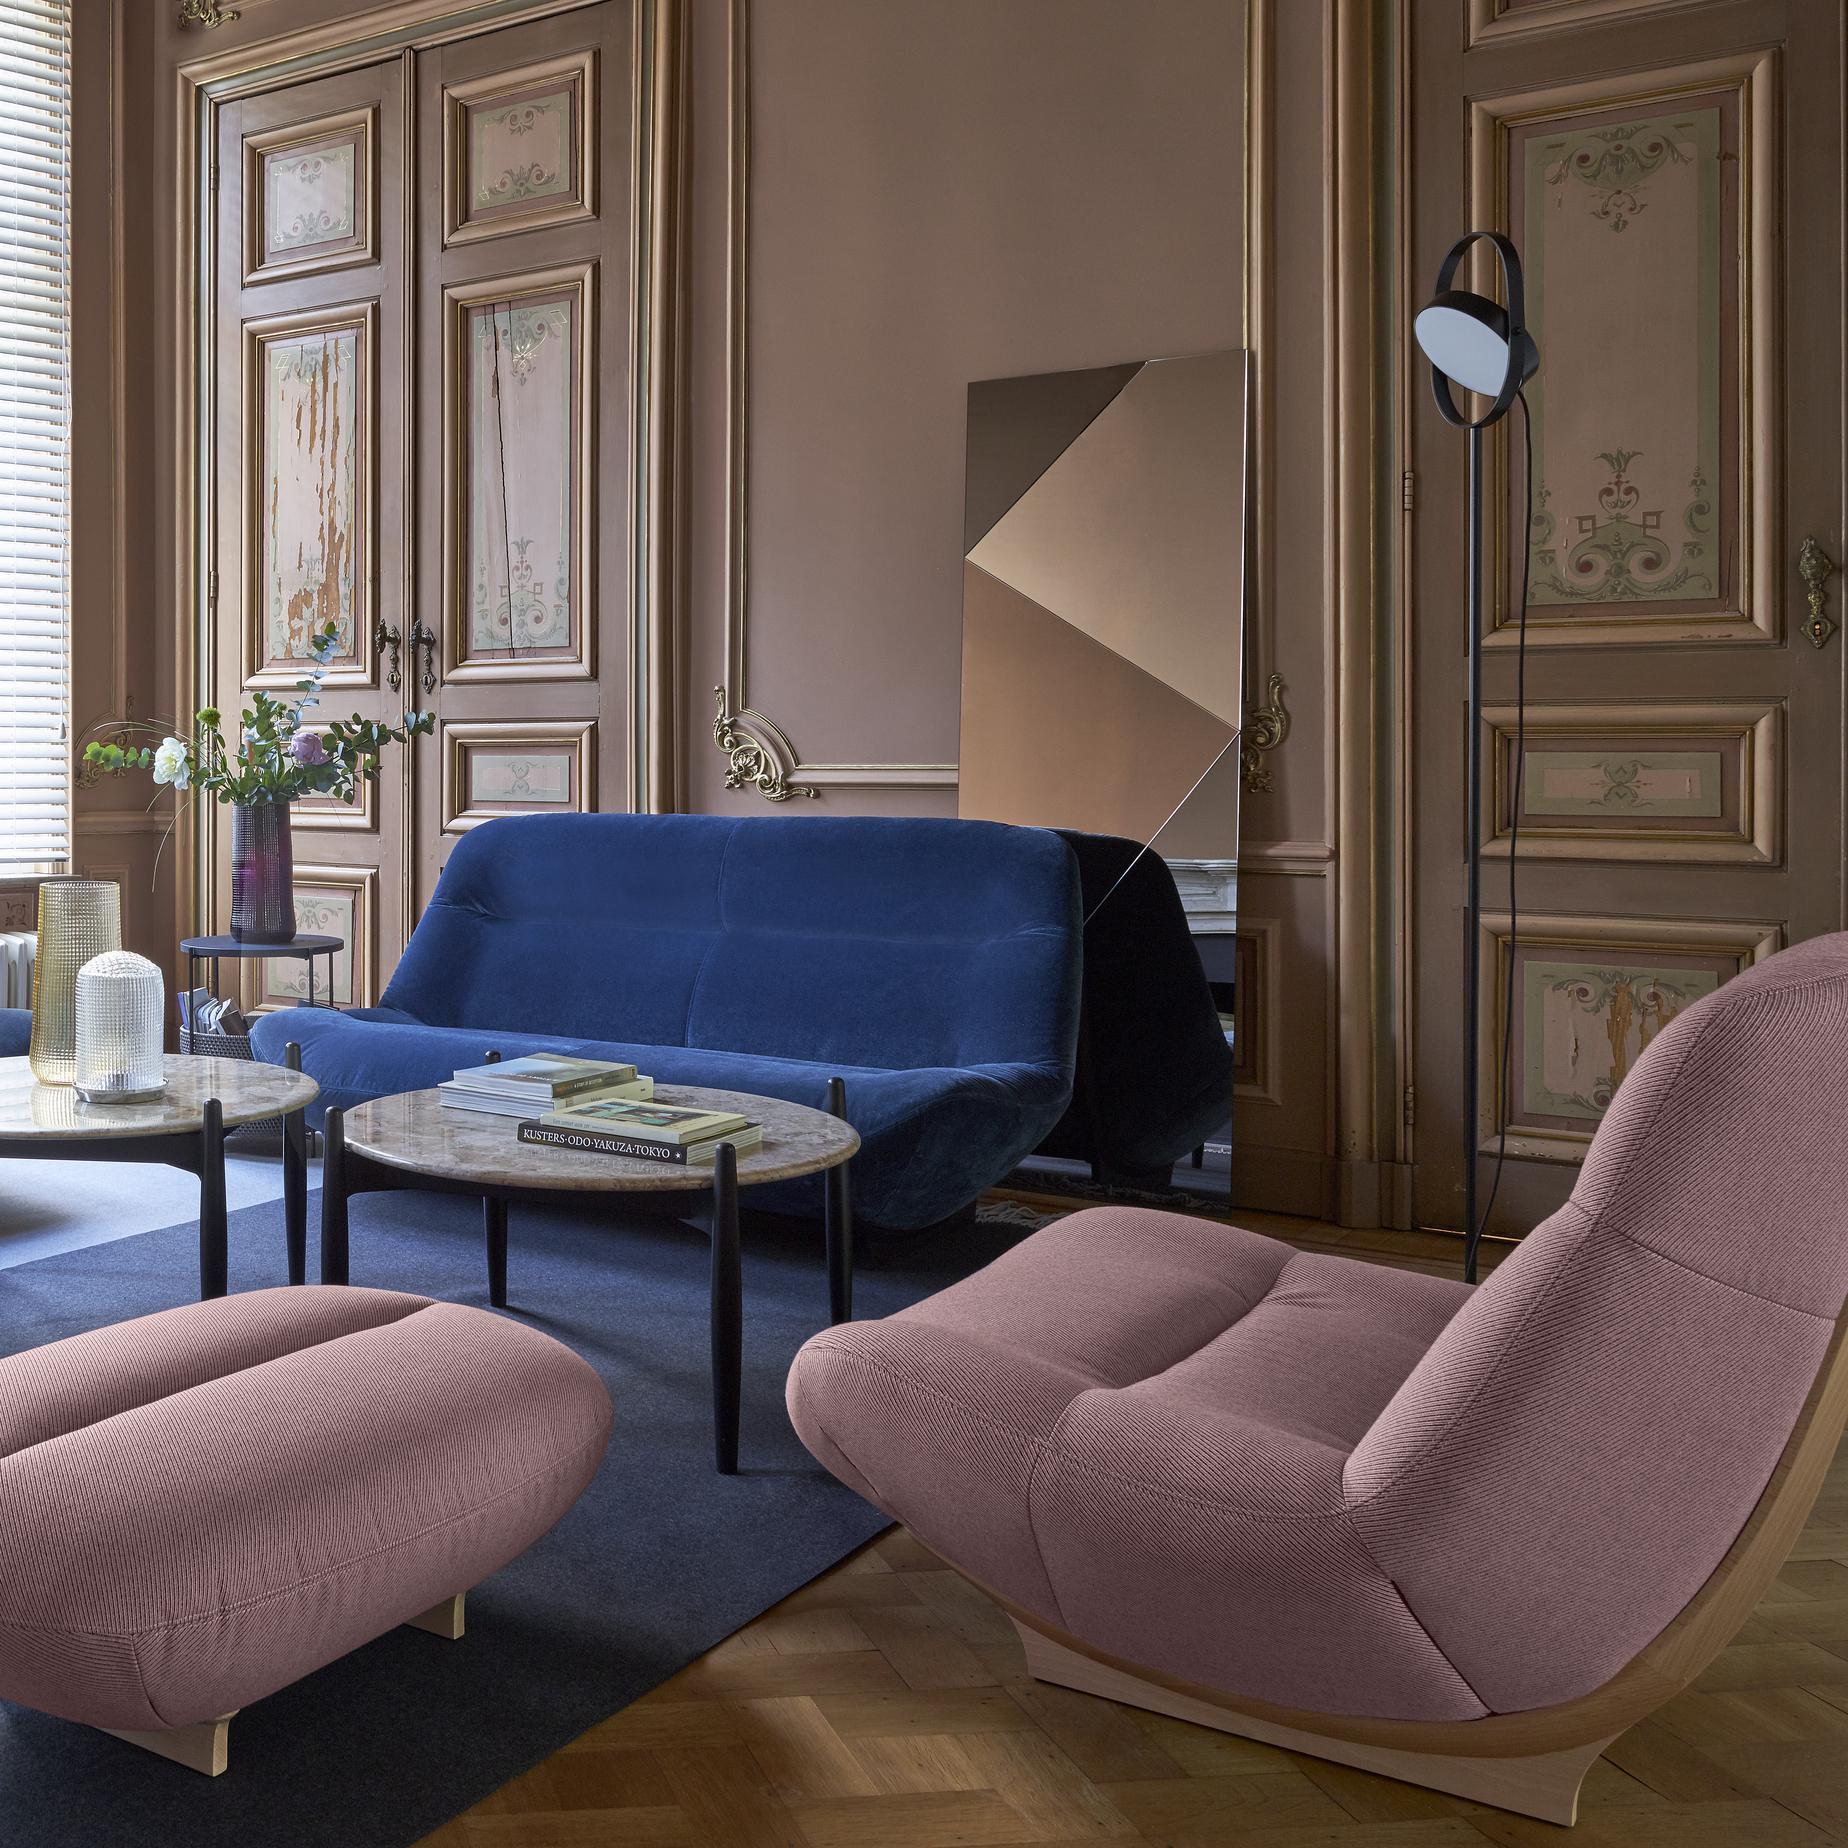 2018 Living Room Decorating Ideas: HEADLIGHT, Lampadaires Du Designer : Lara Grand